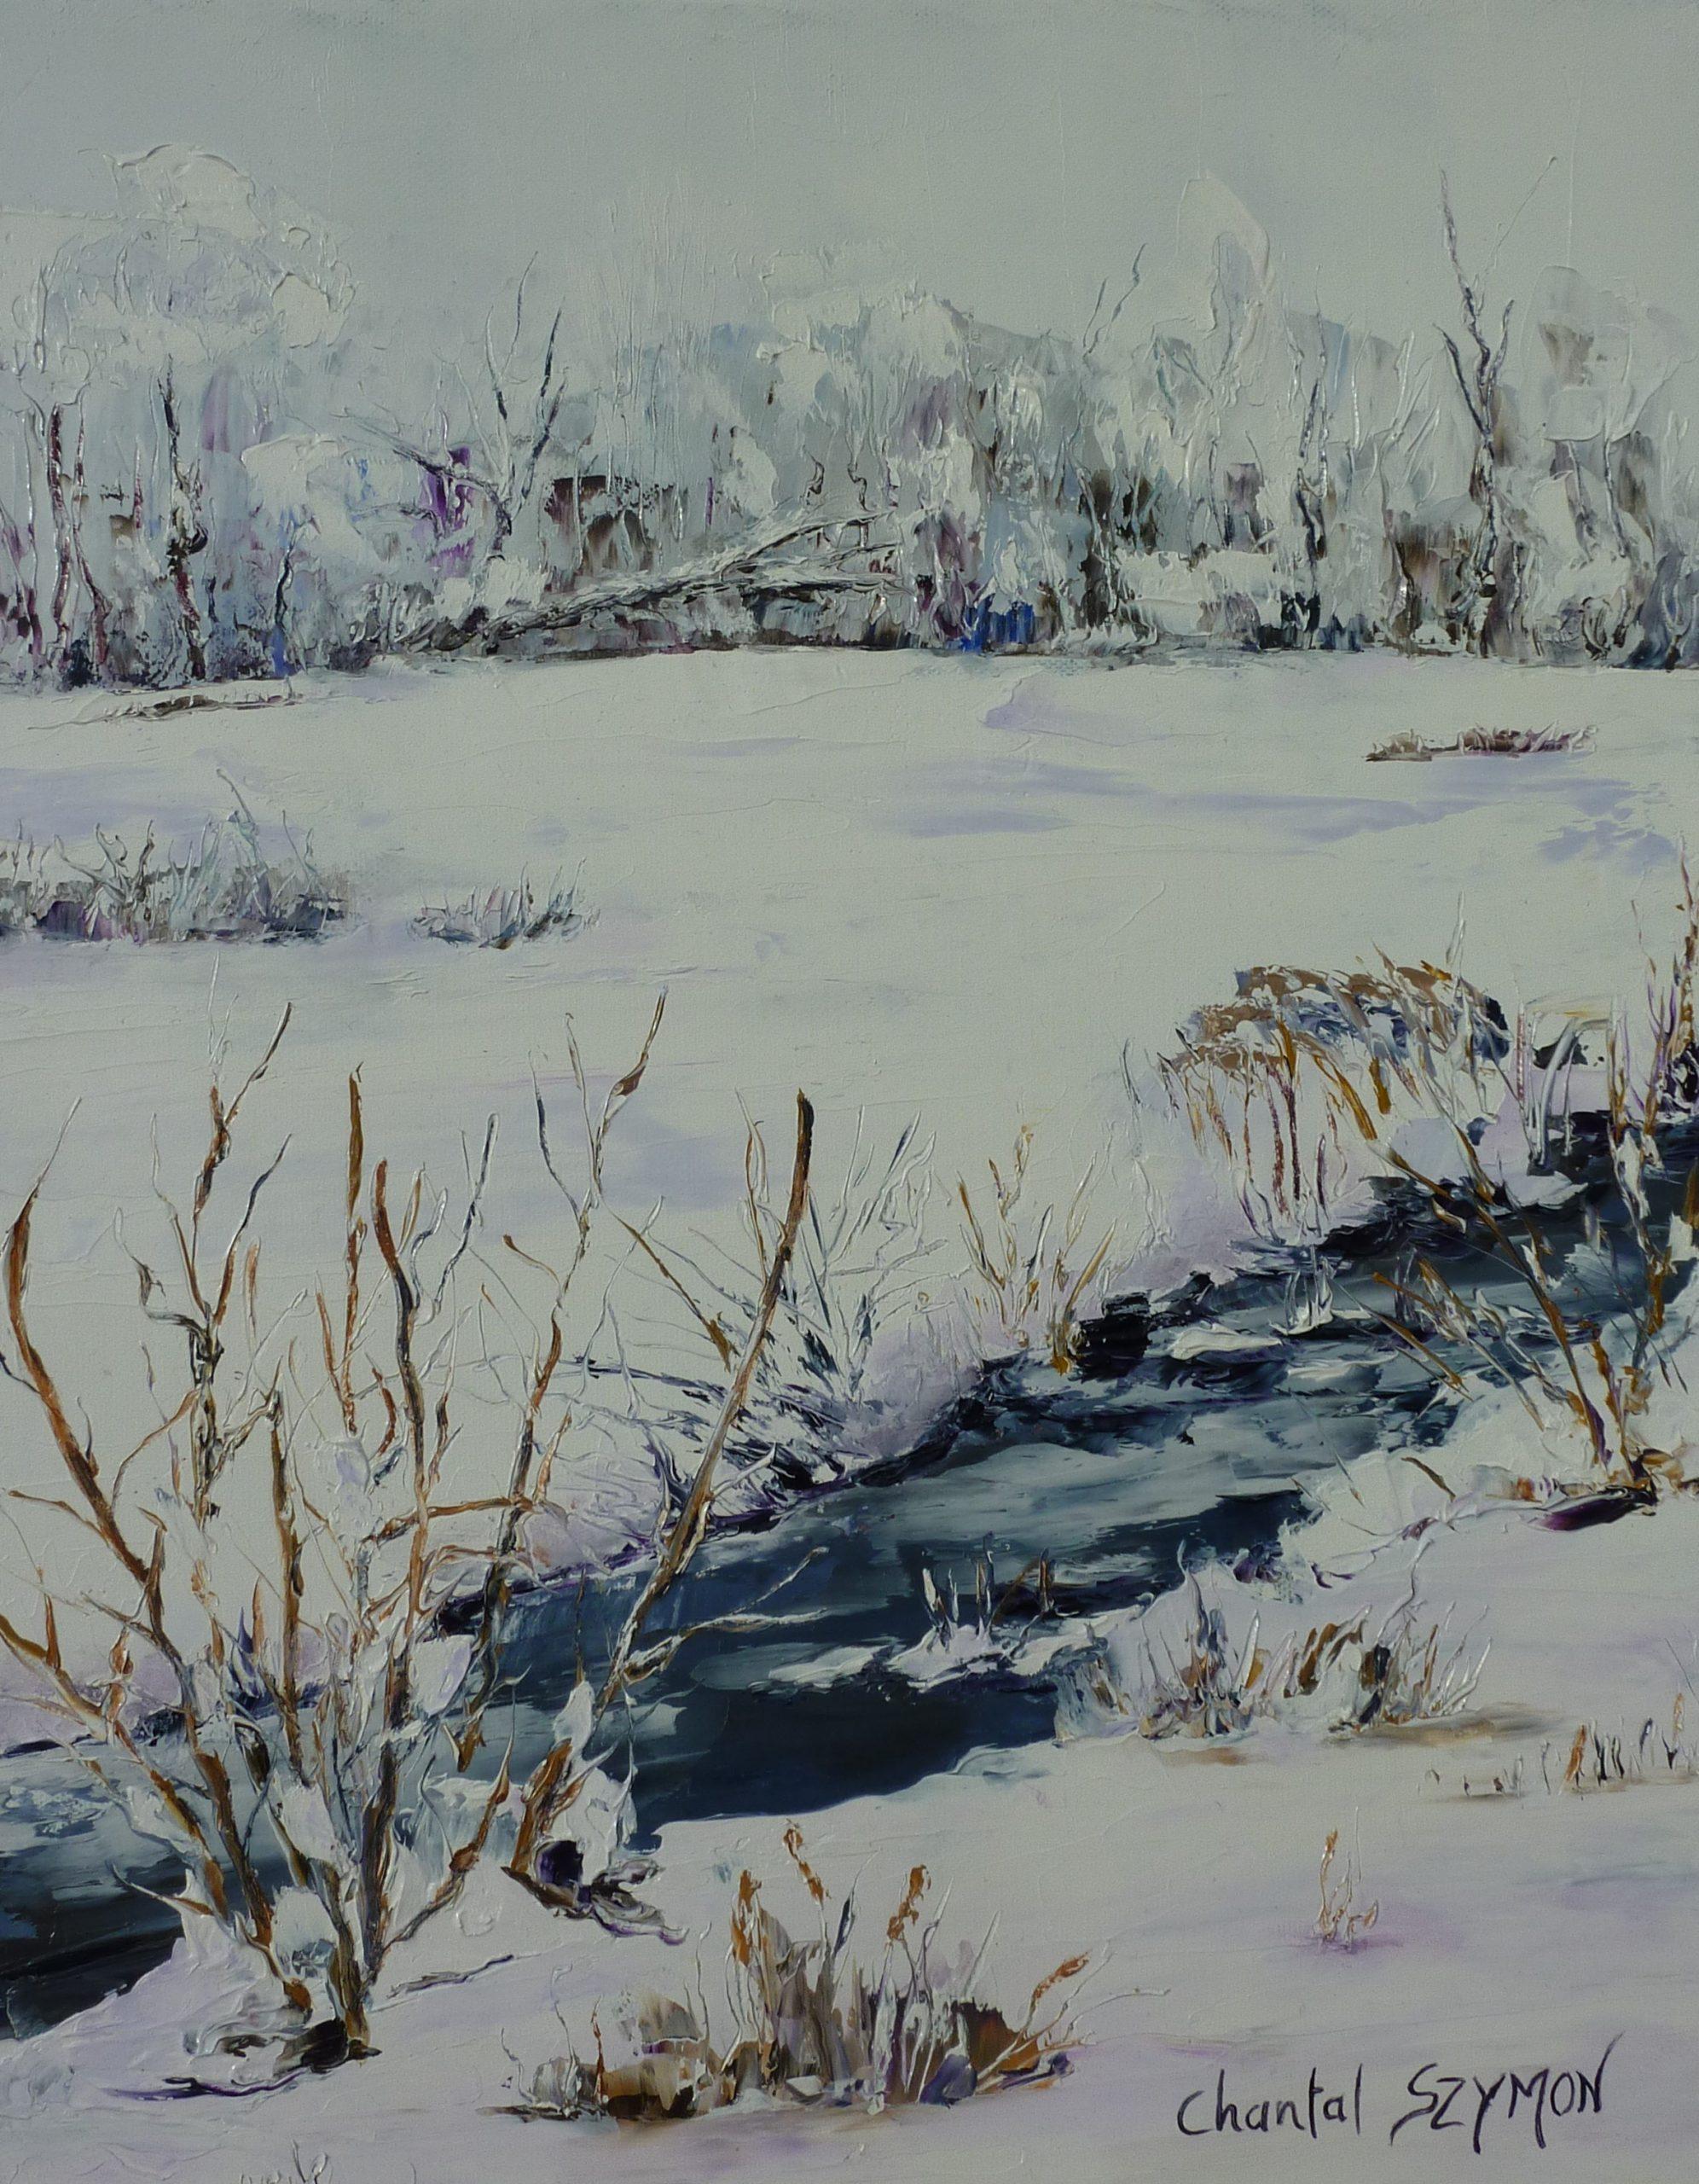 paysage hiver peinture chantal szymoniak tableau paysage hiver neige ruisseau nature sous la neige peinture au couteau chantal geyer